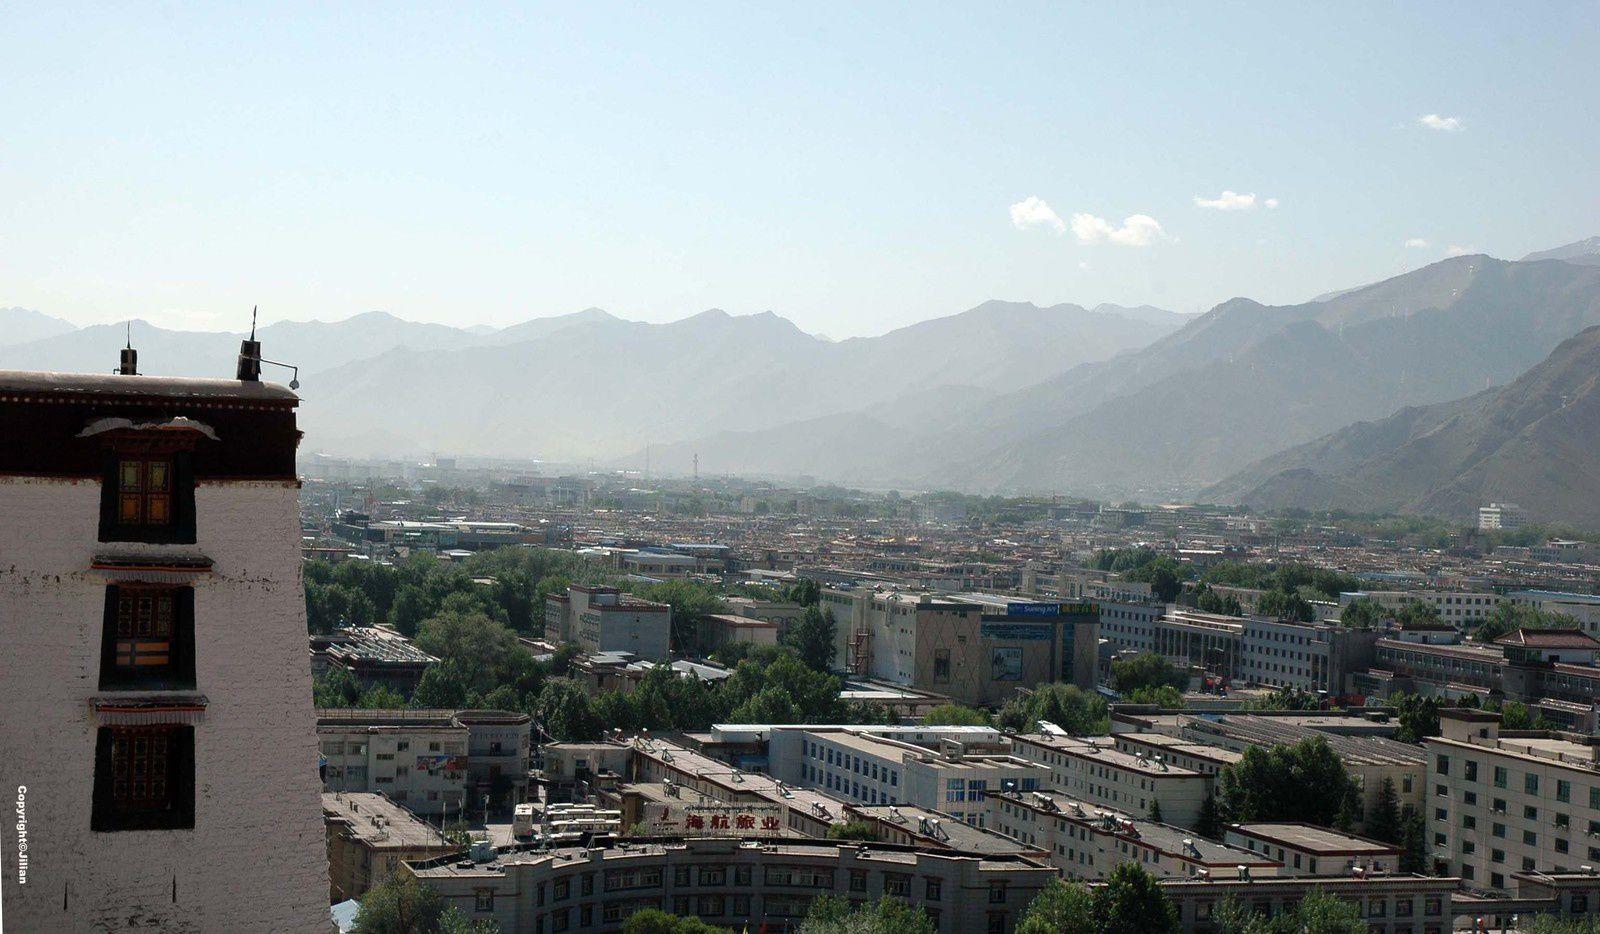 La ville chinoise vue du Potala